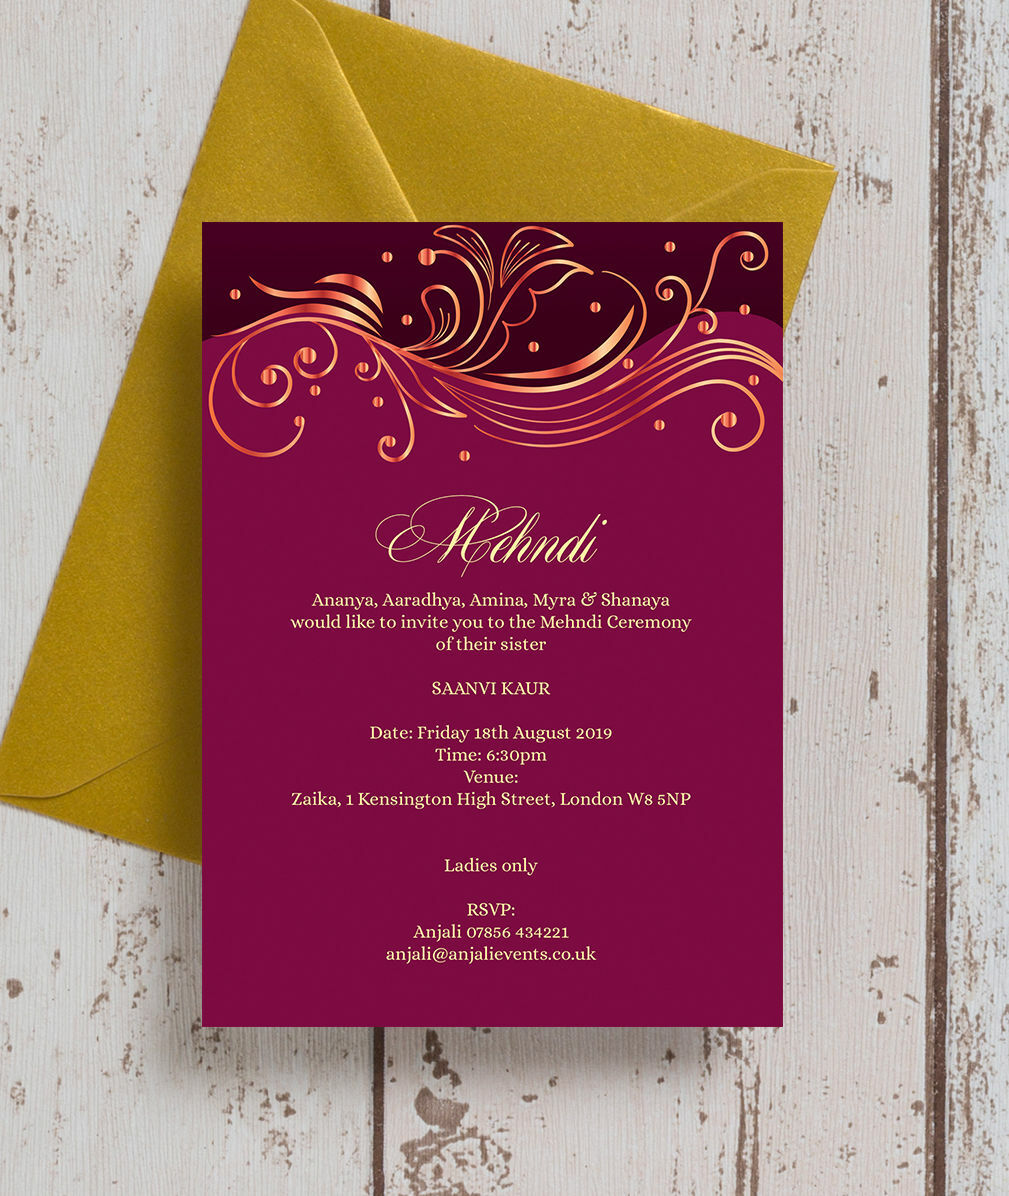 Personalised Mehndi Baraat Wedding Invitations Invites Cards eBay